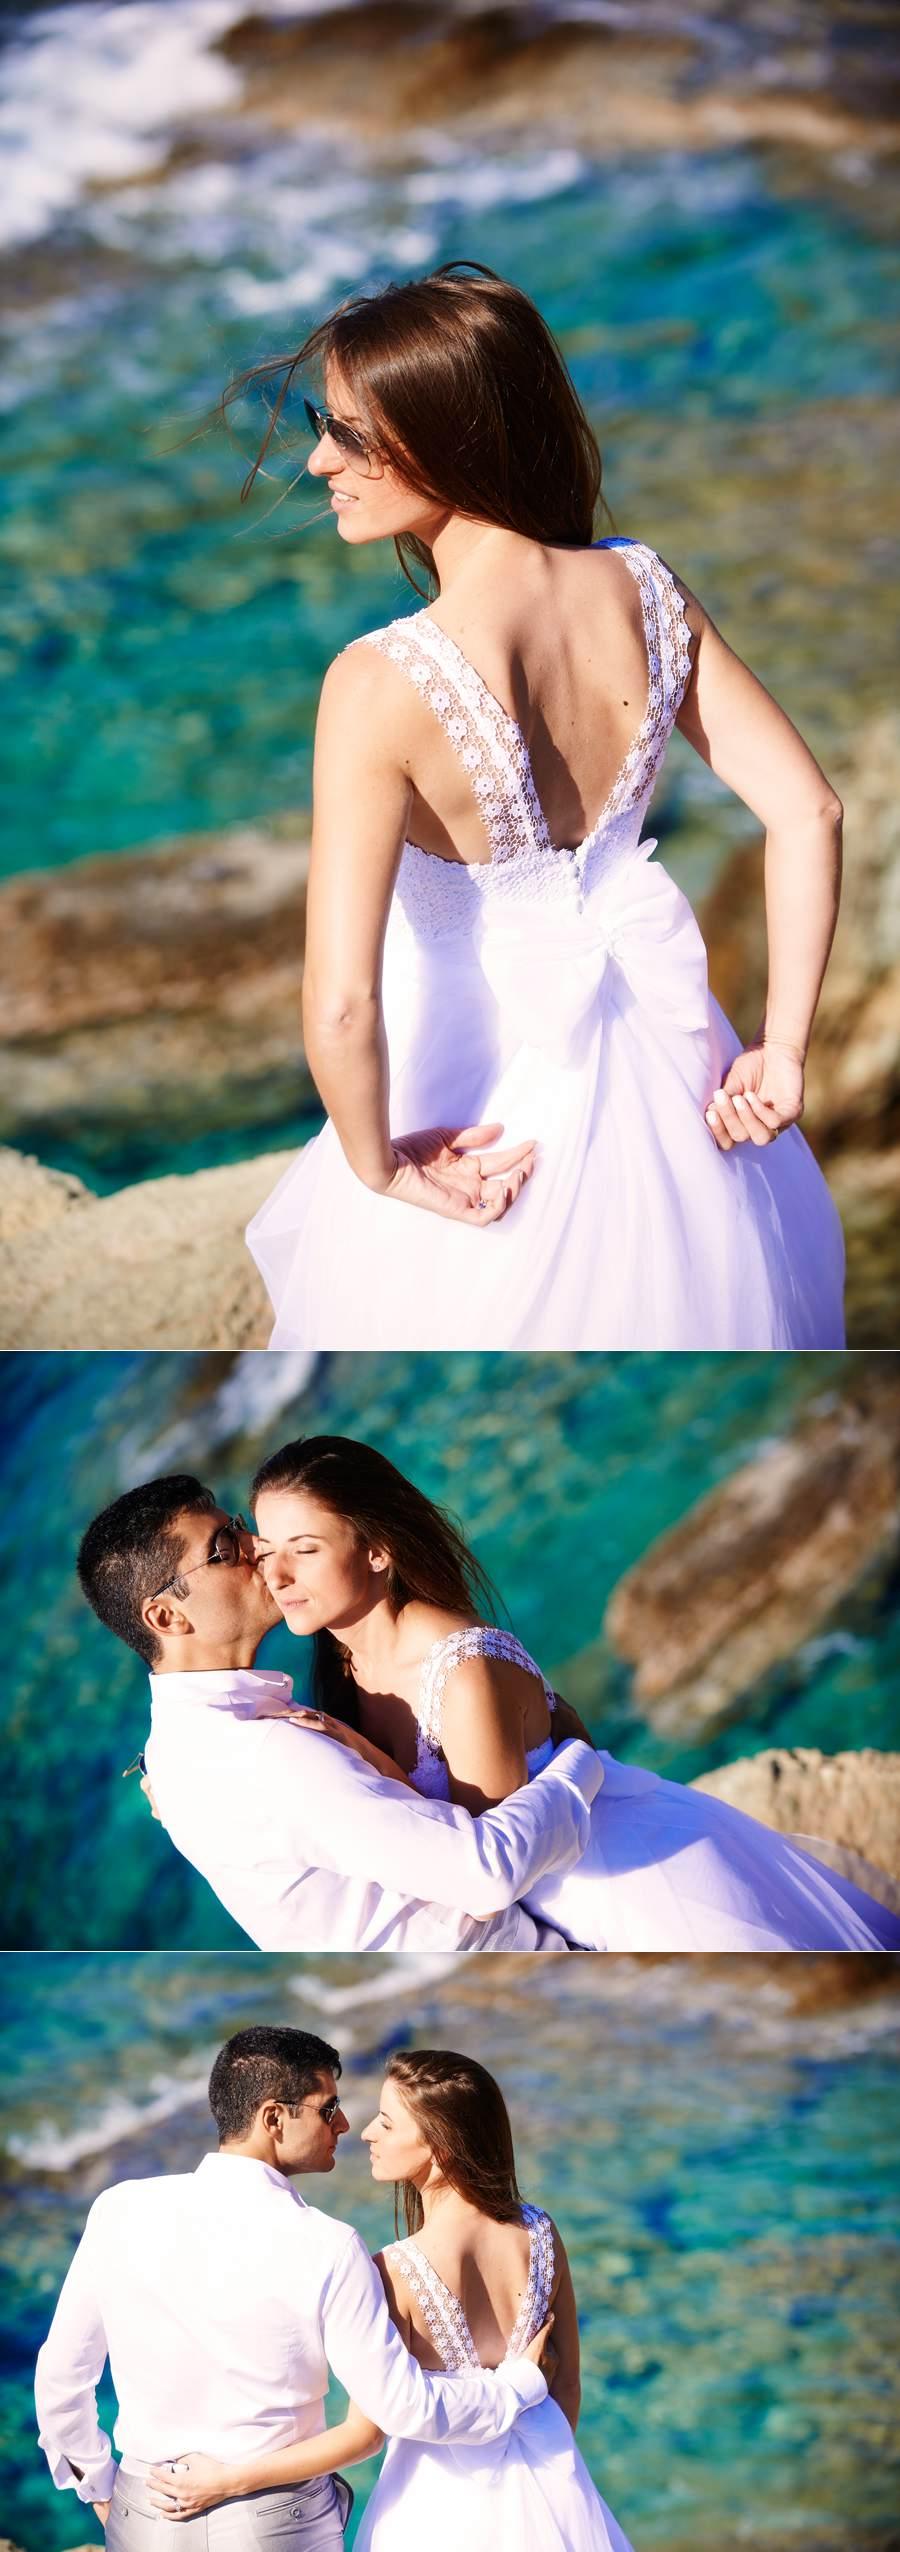 Nikos Anastasia wedding photos_0020